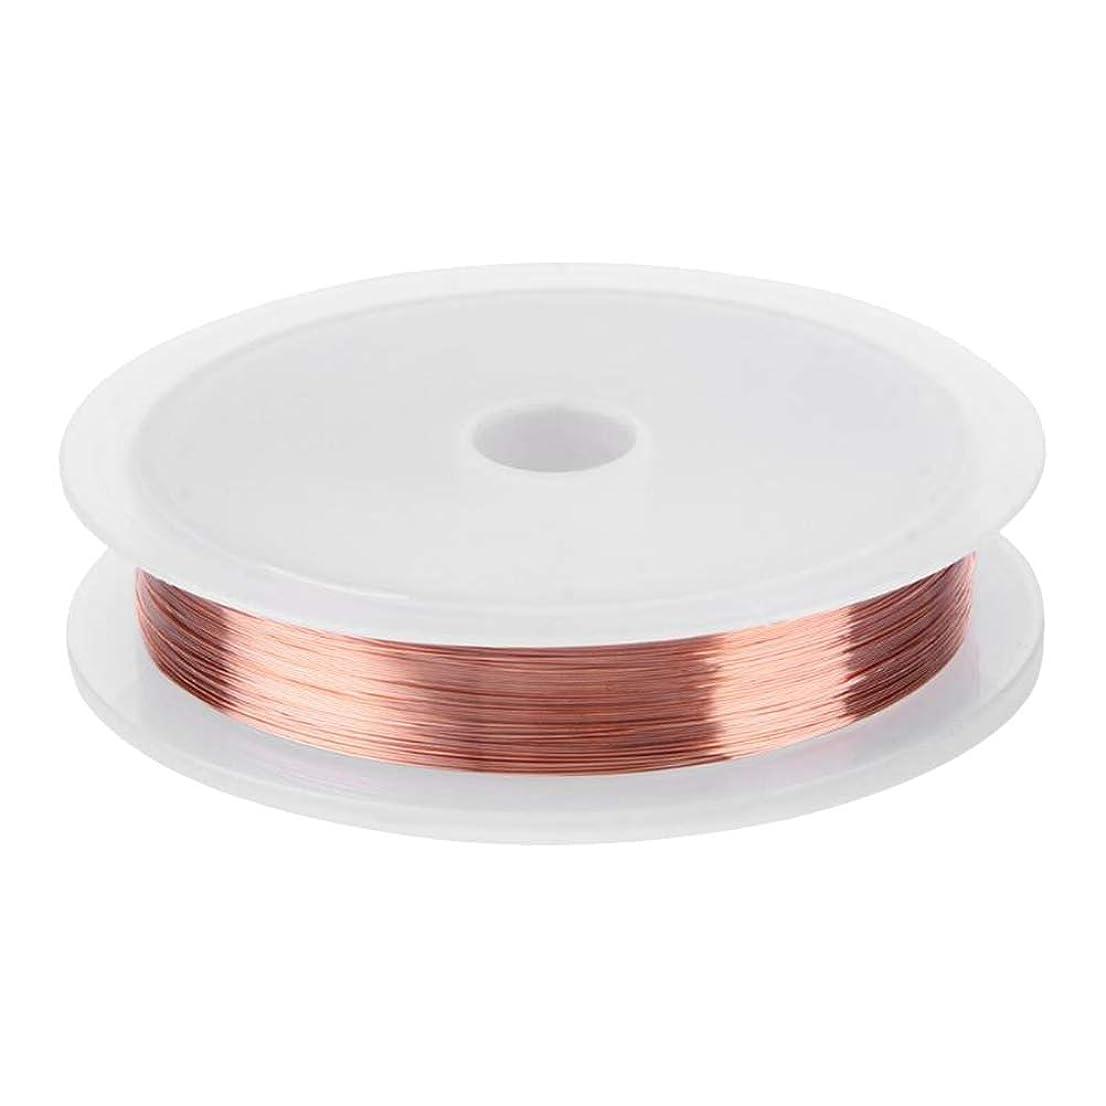 直感目を覚ますスタジアムLURROSE ジュエリー作り用品や工芸品のためのジュエリービーズワイヤー銅線0.2mm(ローズゴールド)